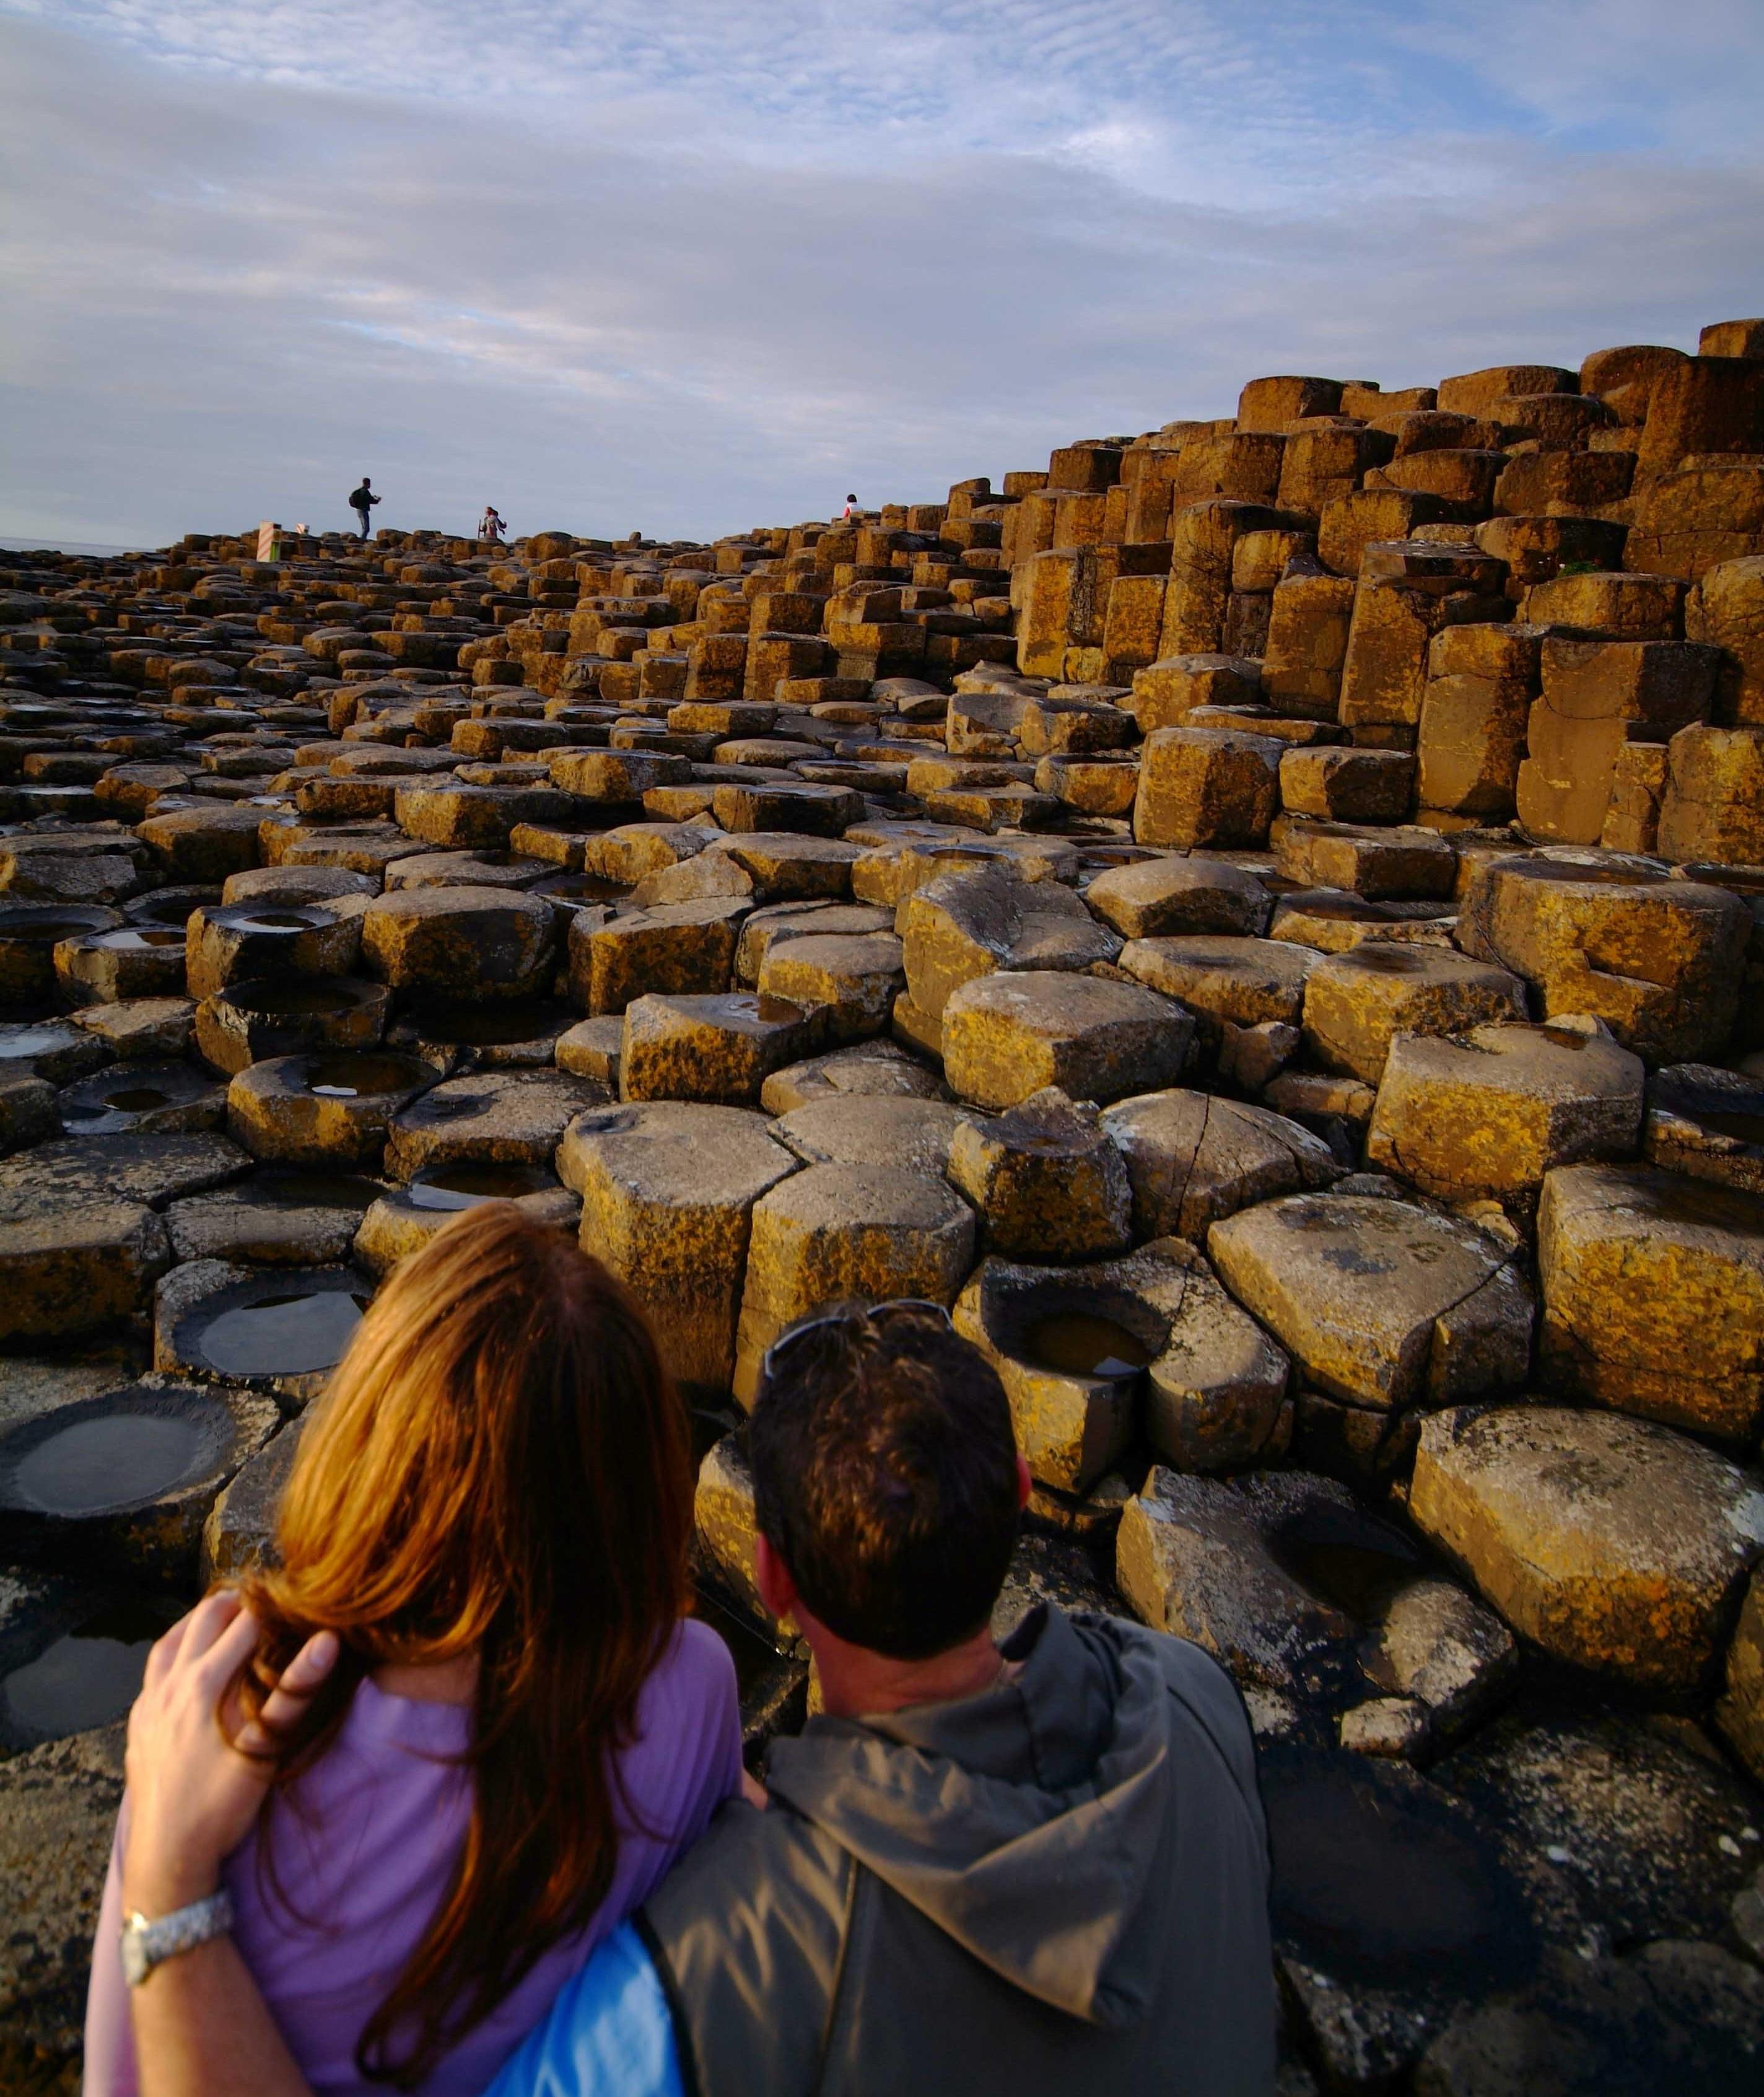 Los paisajes más increíbles del mundo con formas geométricas Calzada del Gigante Irlanda